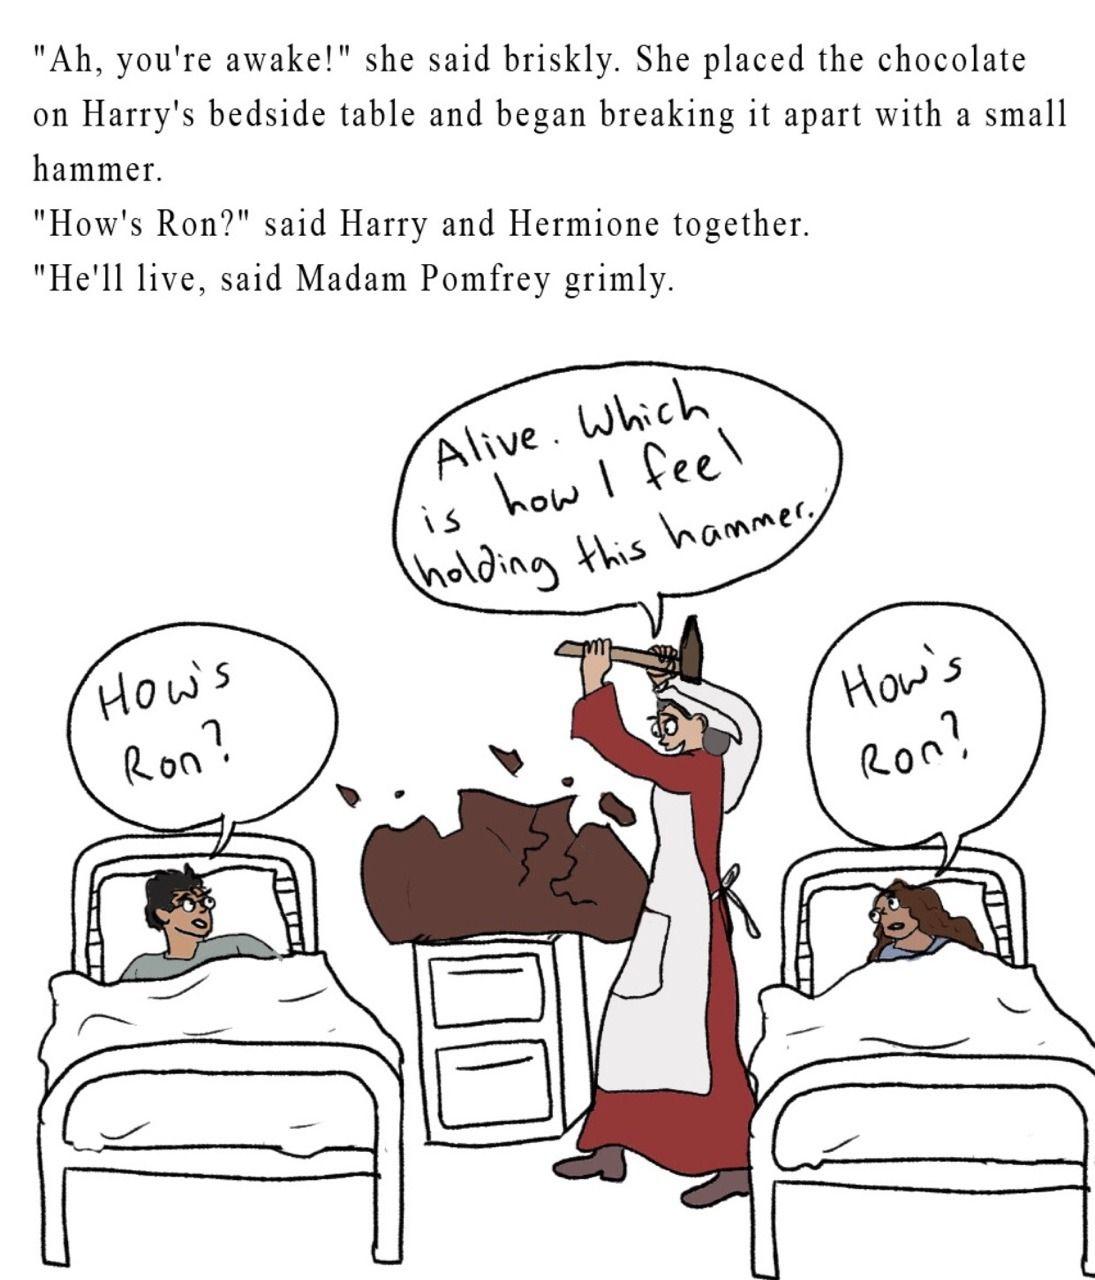 Pin By Rayyan On Harry Potter Harry Potter Funny Harry Potter Jokes Harry Potter Comics